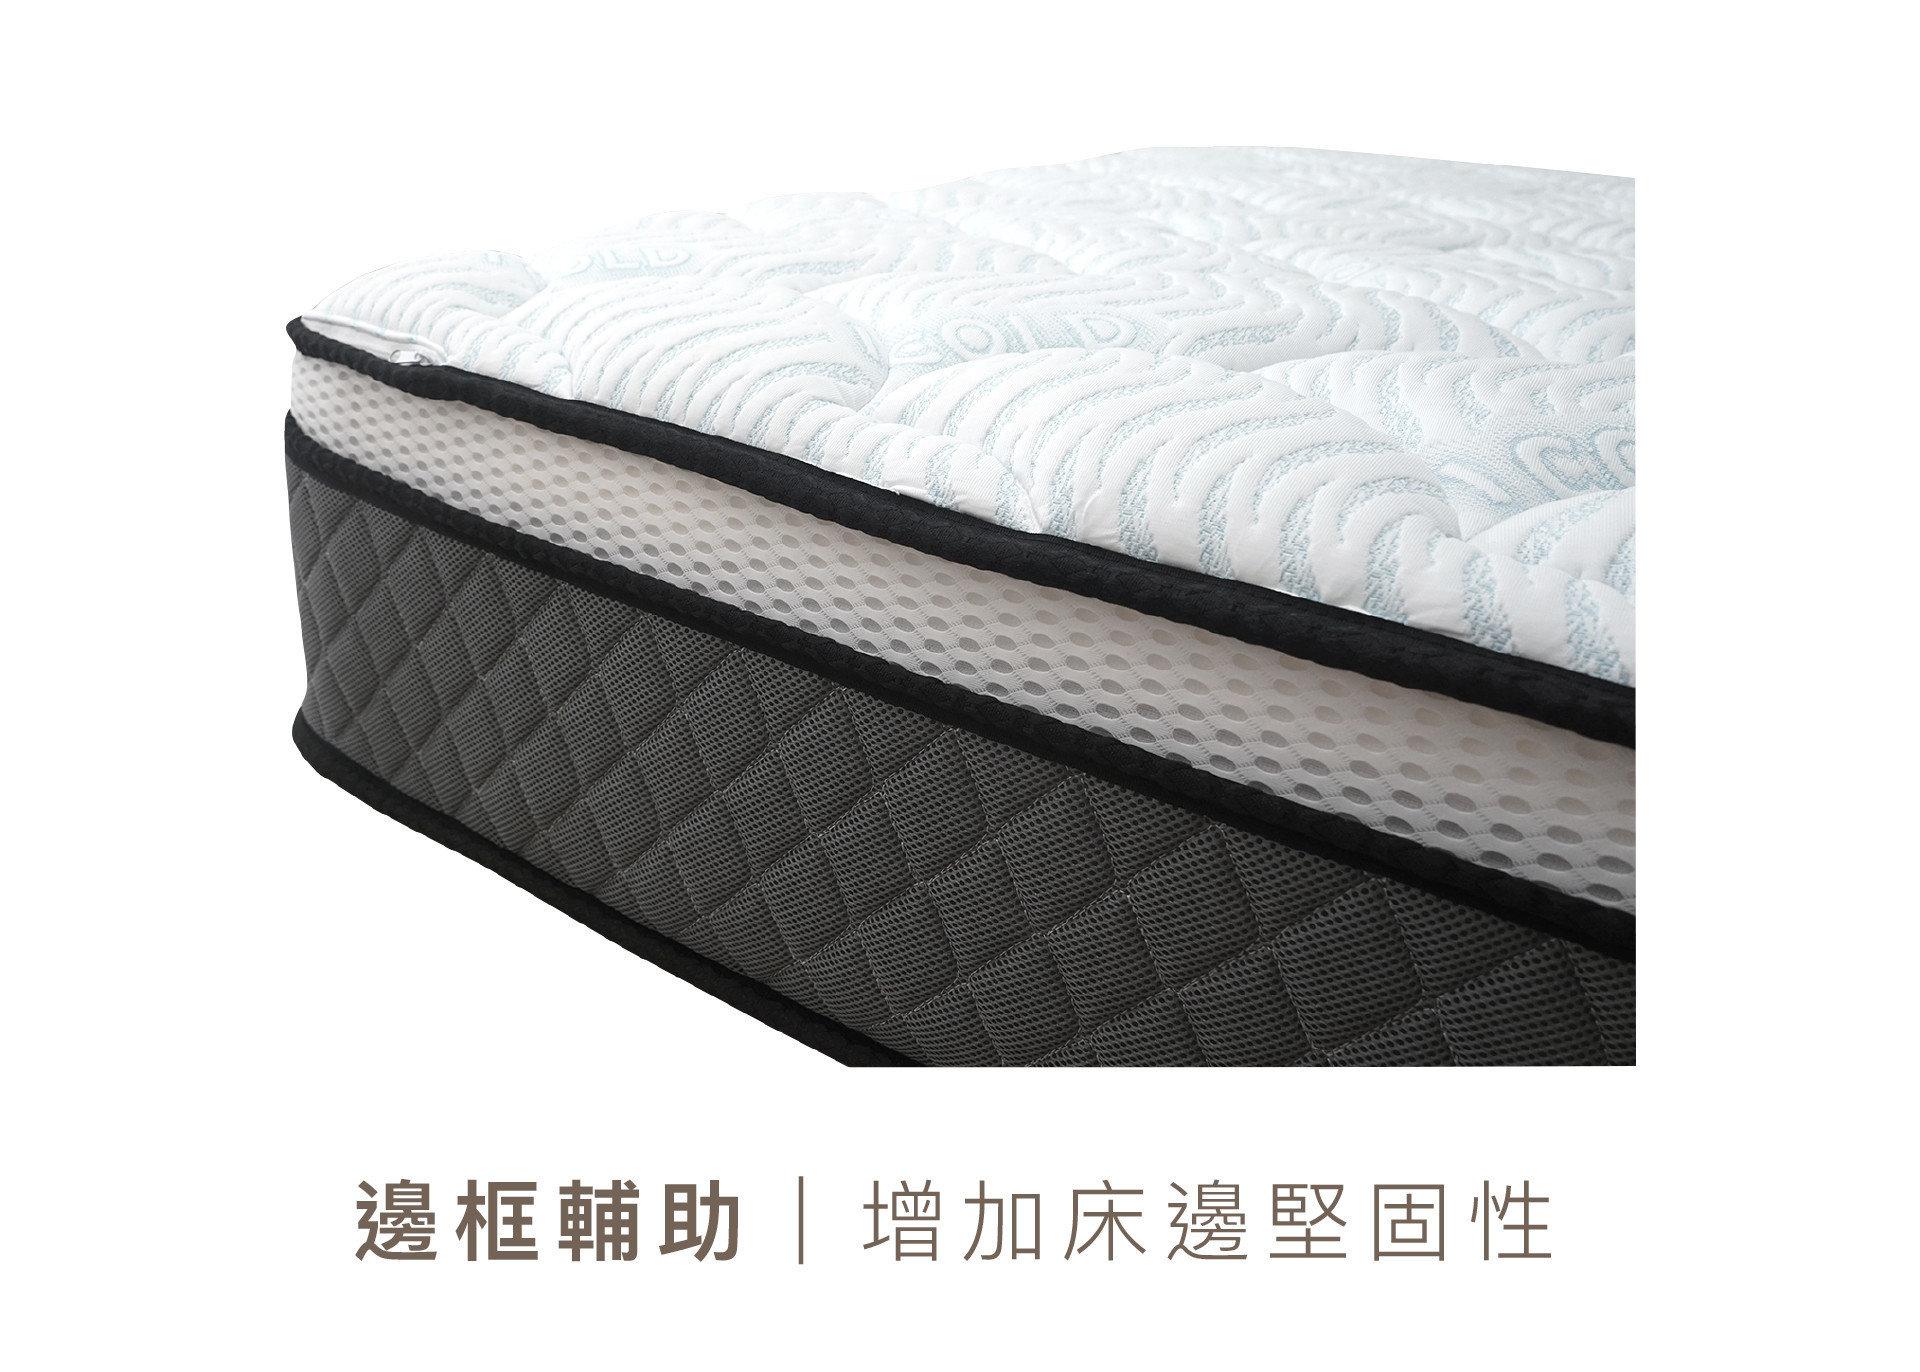 【卡麗 三線冰晶乳膠獨立筒】有邊框輔助更堅固,上下床更安心。